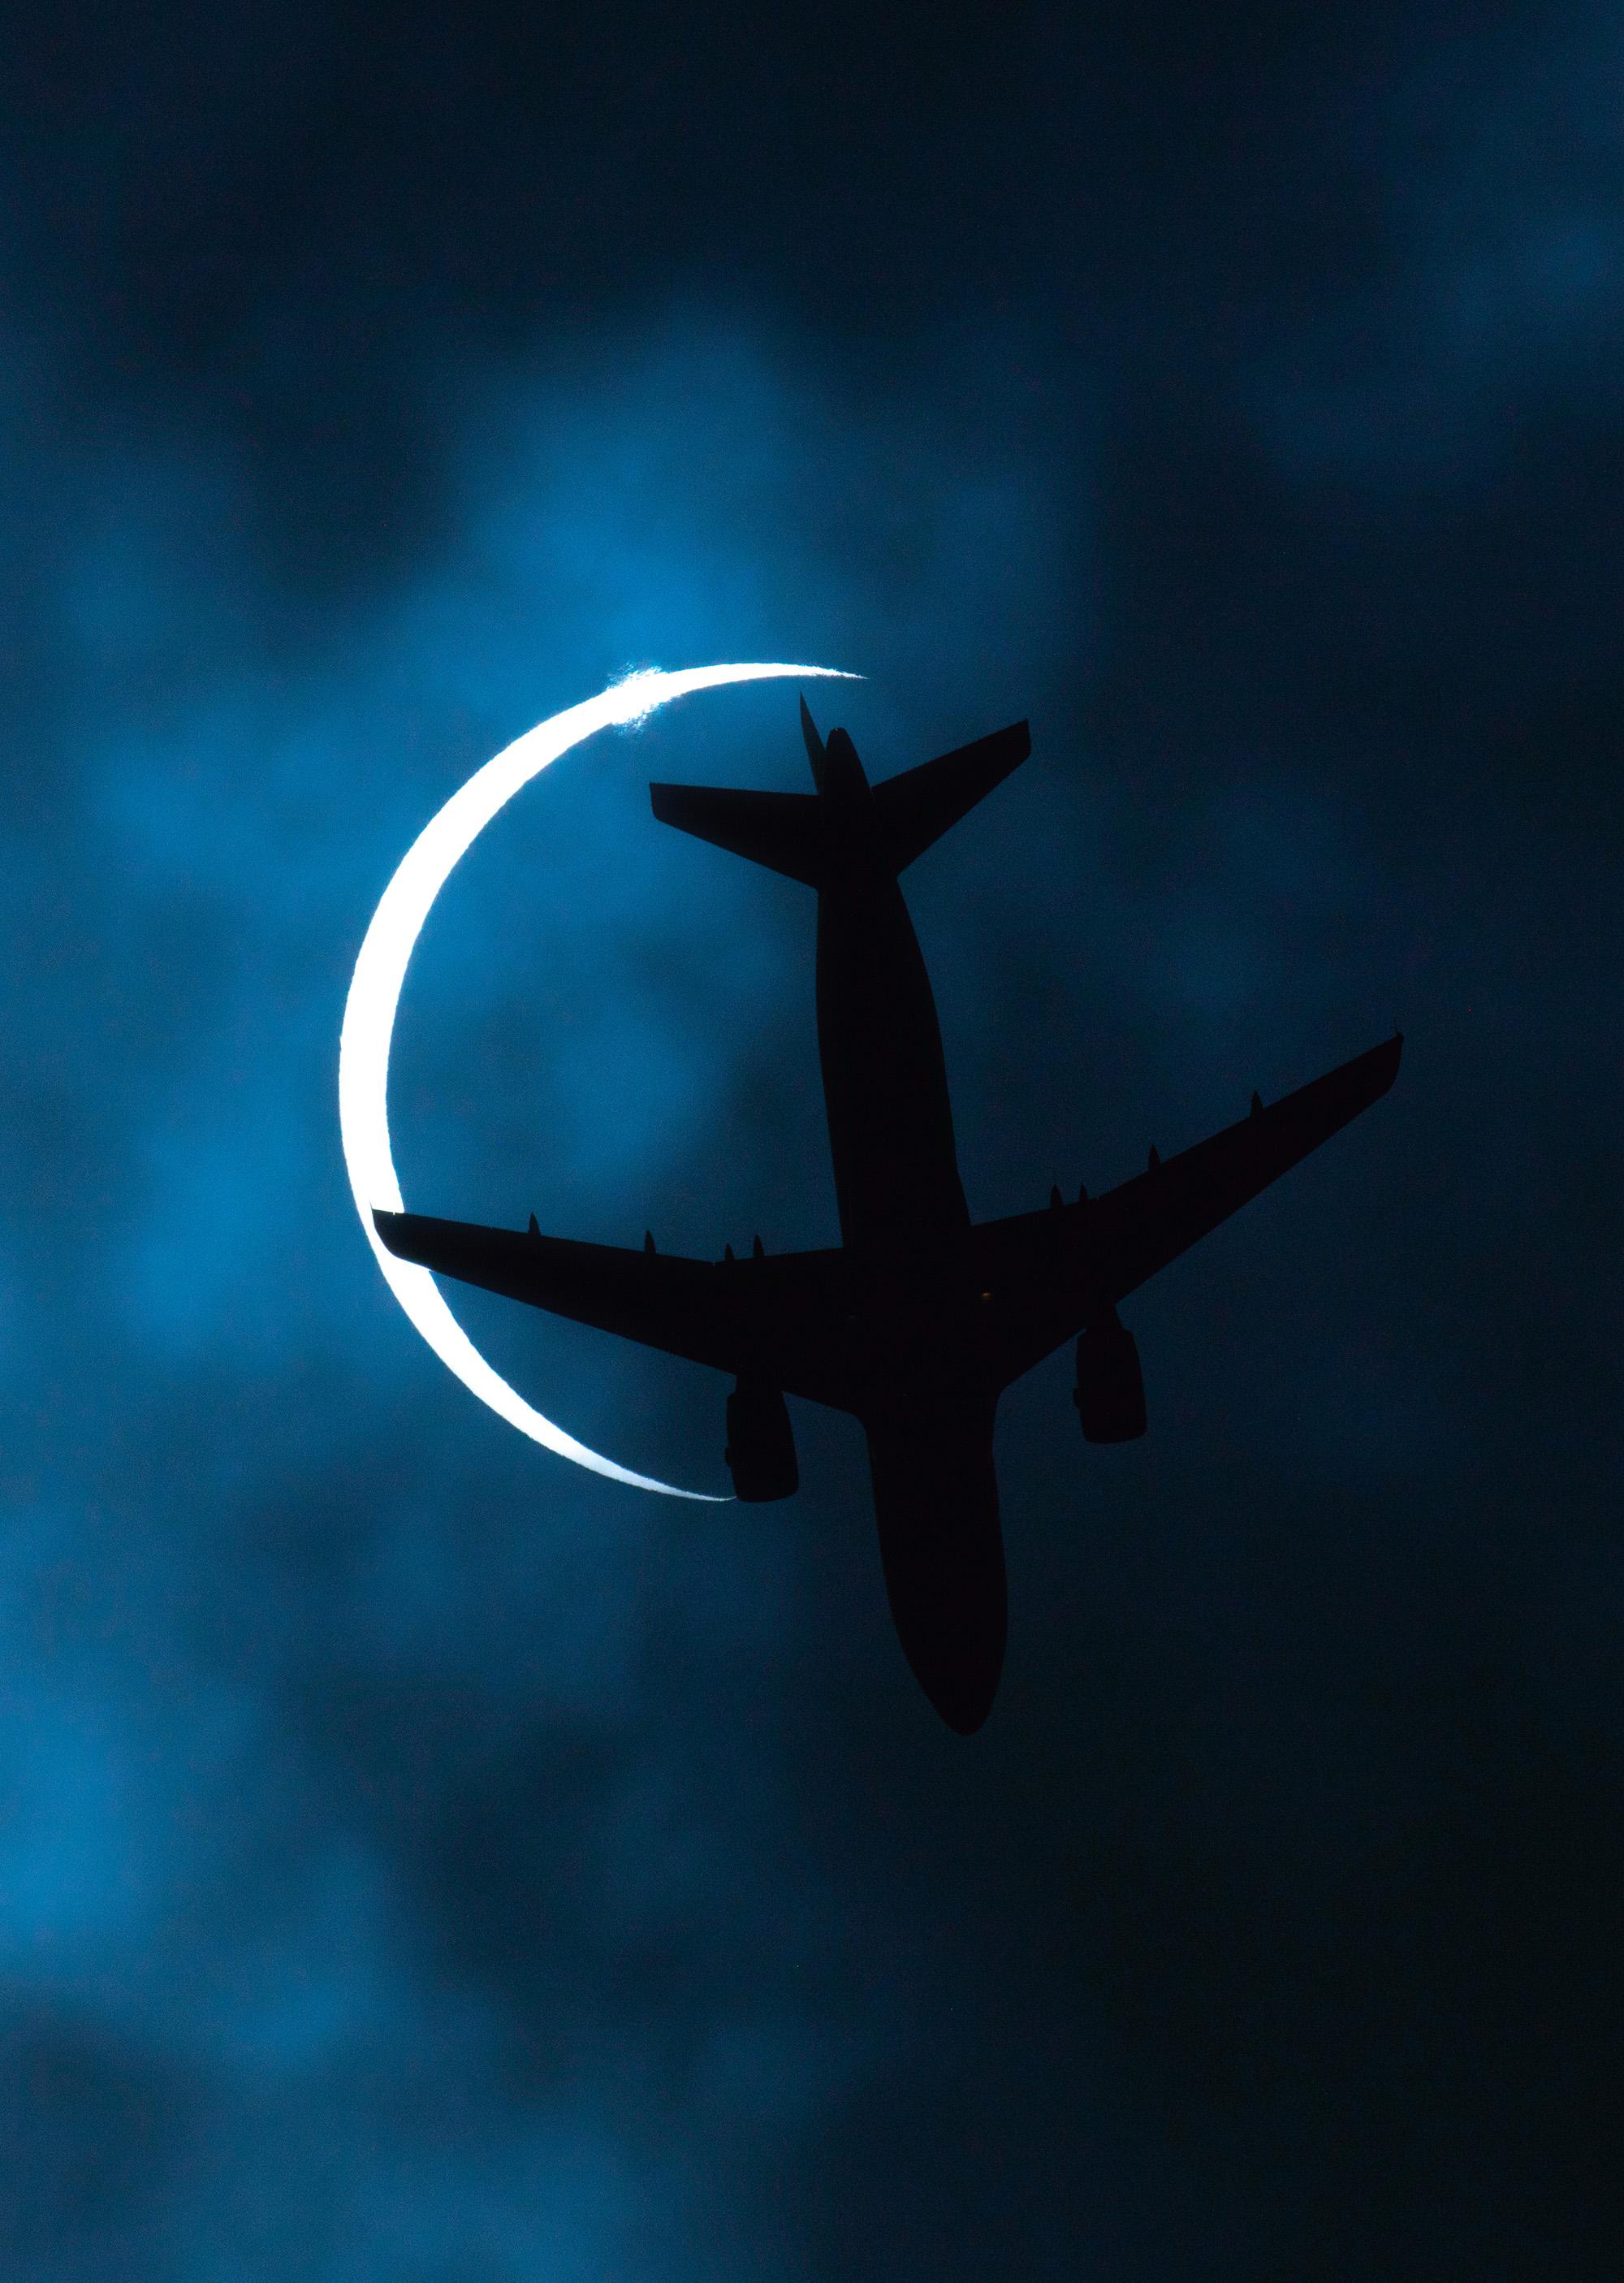 Самолет пролетает внебе надгородом Лхаса, столицей Тибетского автономного района, во время солнечного затмения.